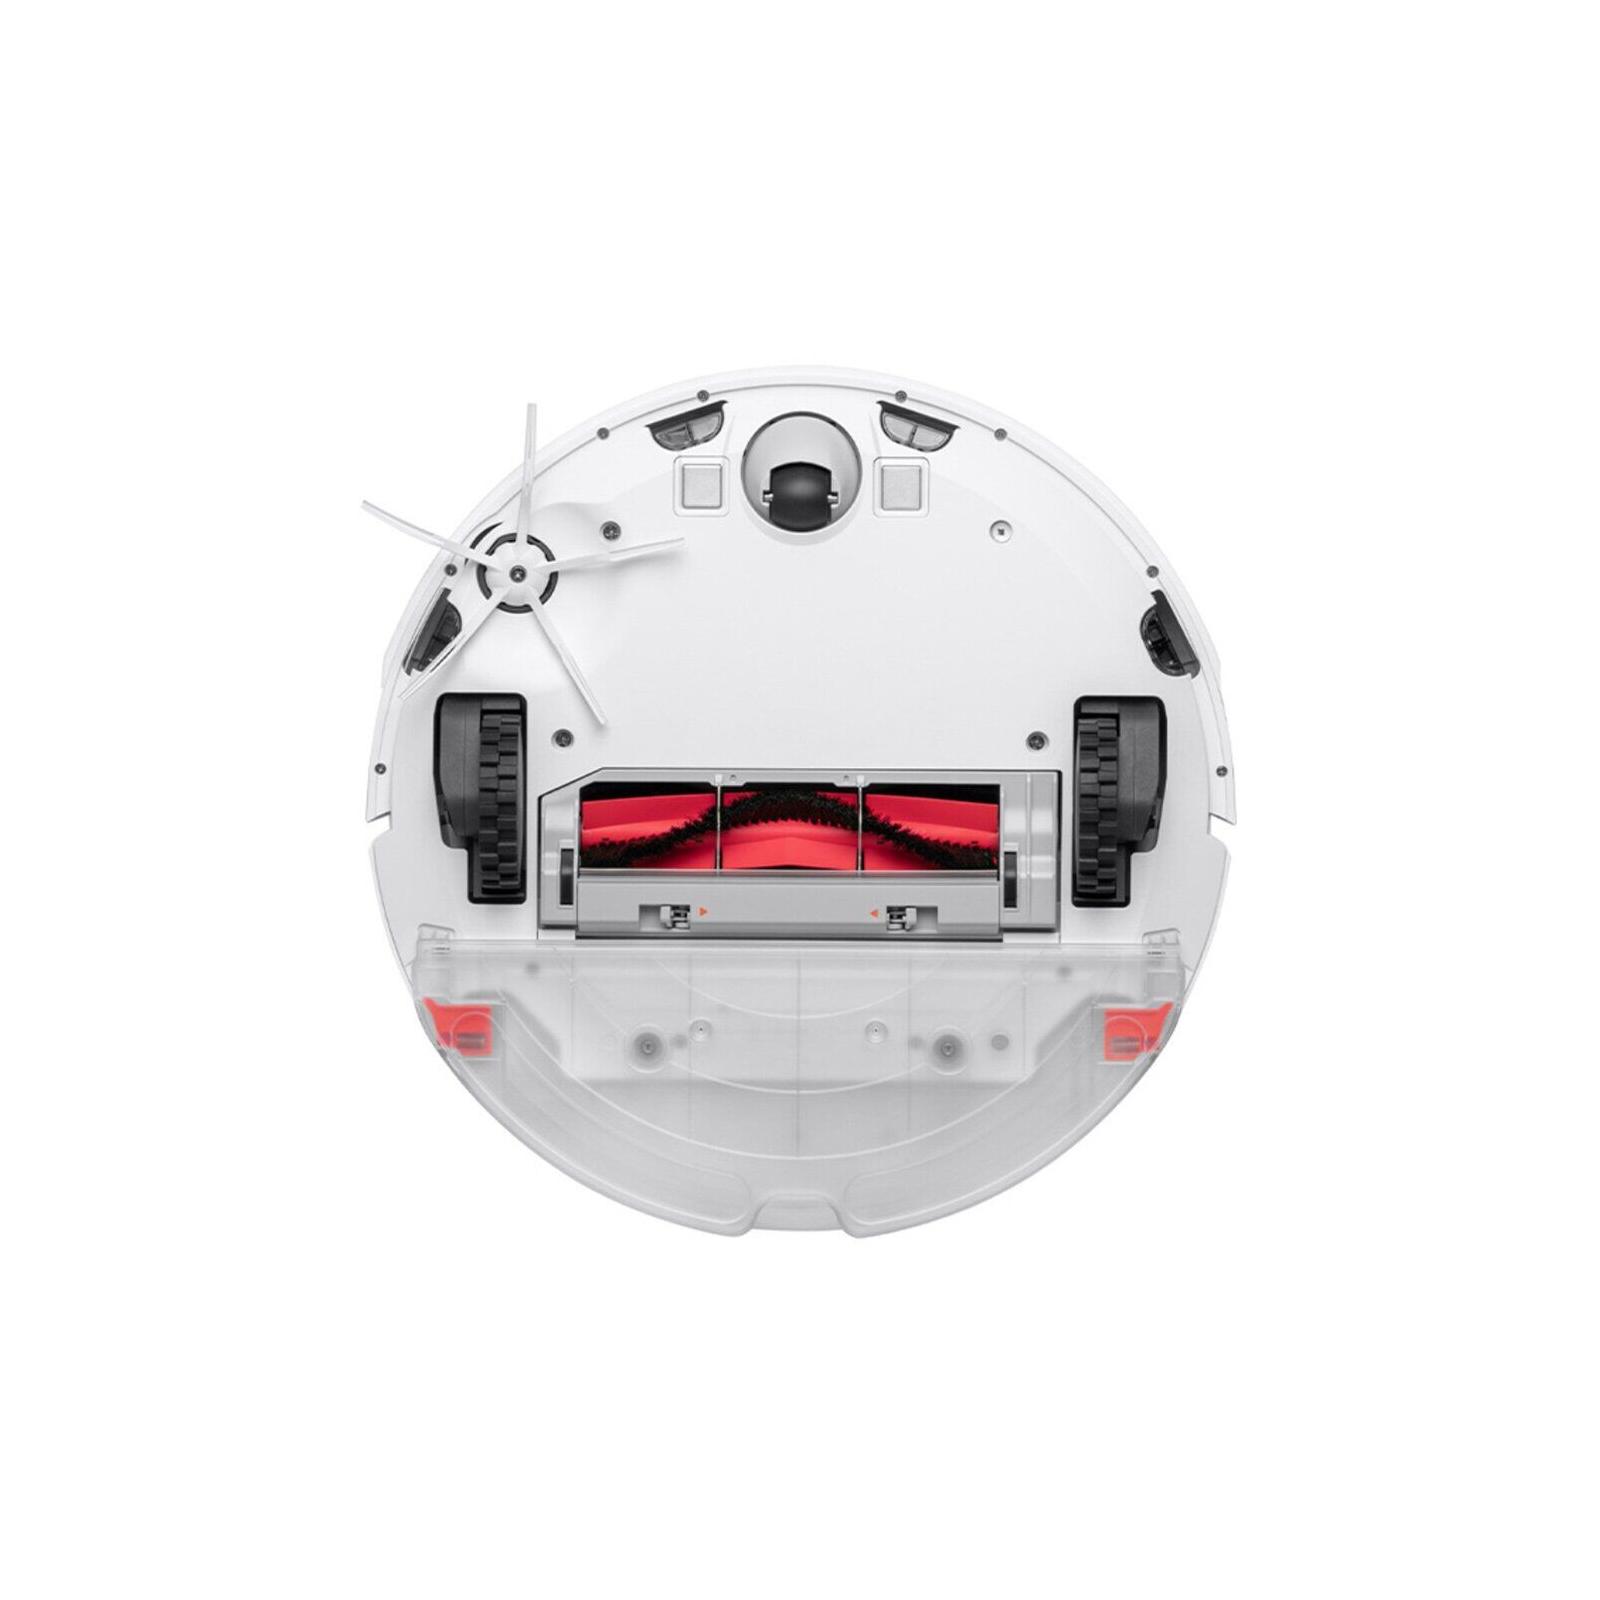 Пилосос Xiaomi RoboRock S5 Max White зображення 7